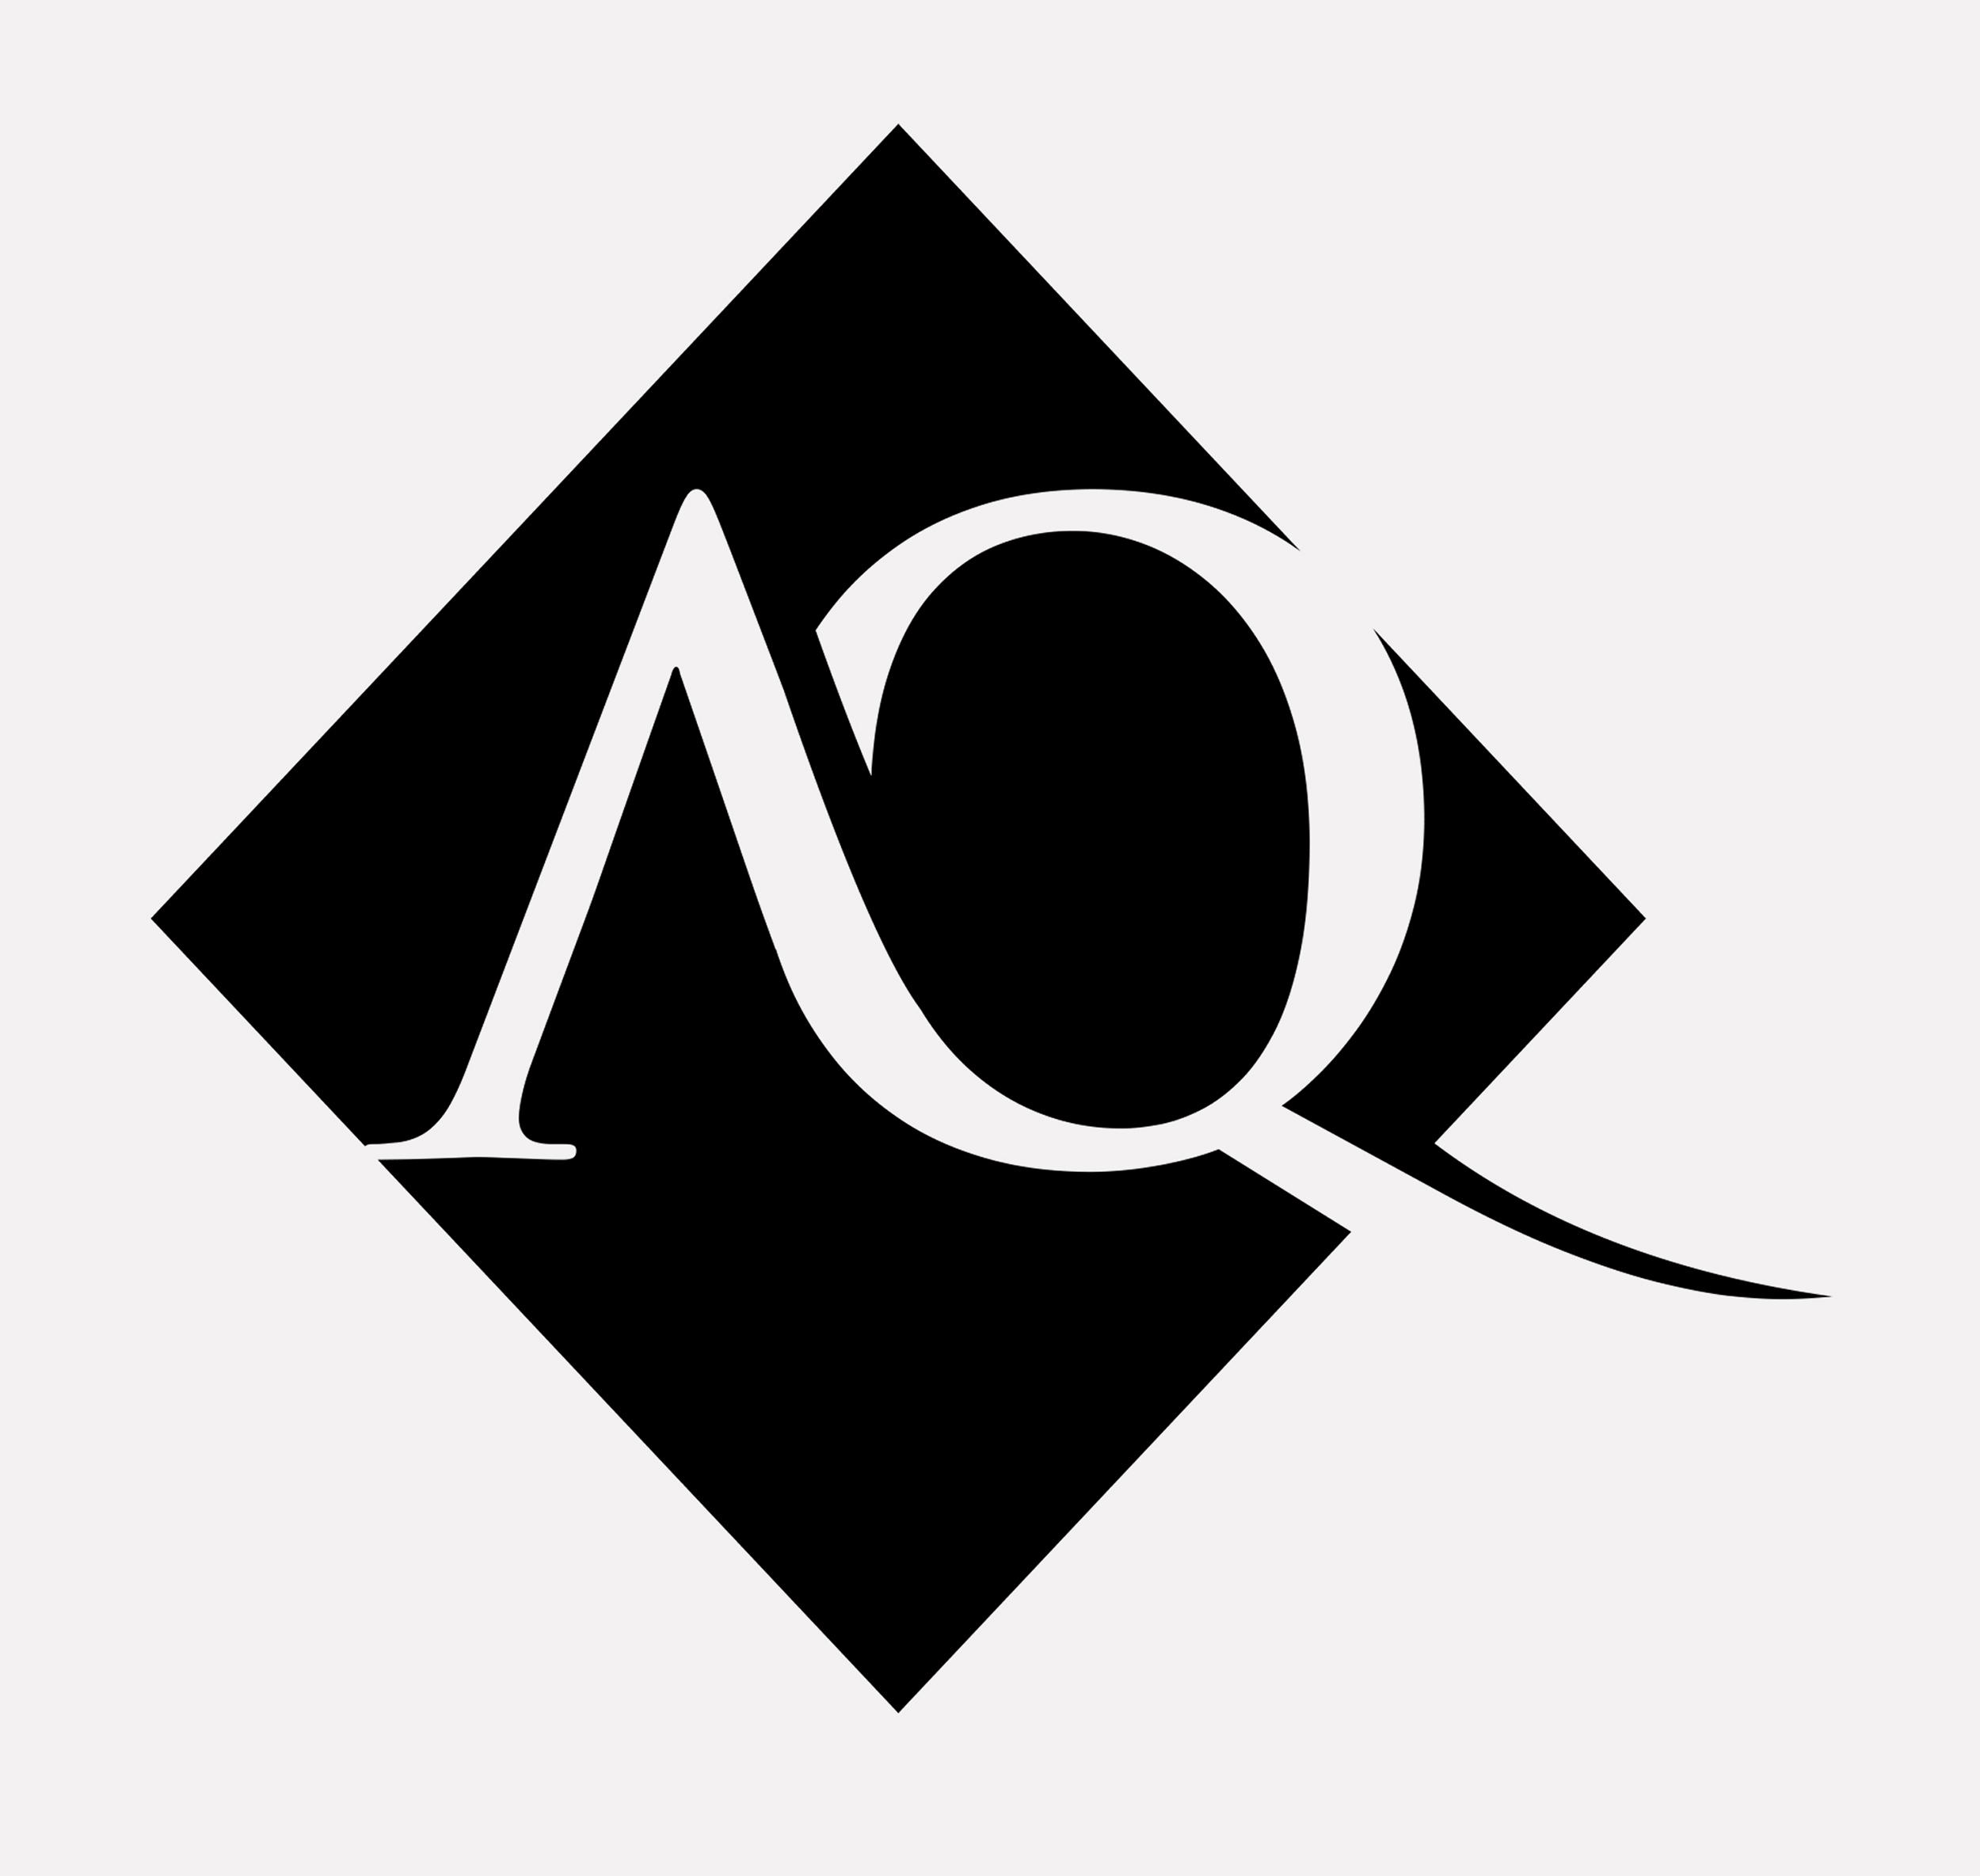 acqua-blue-services-icon-black